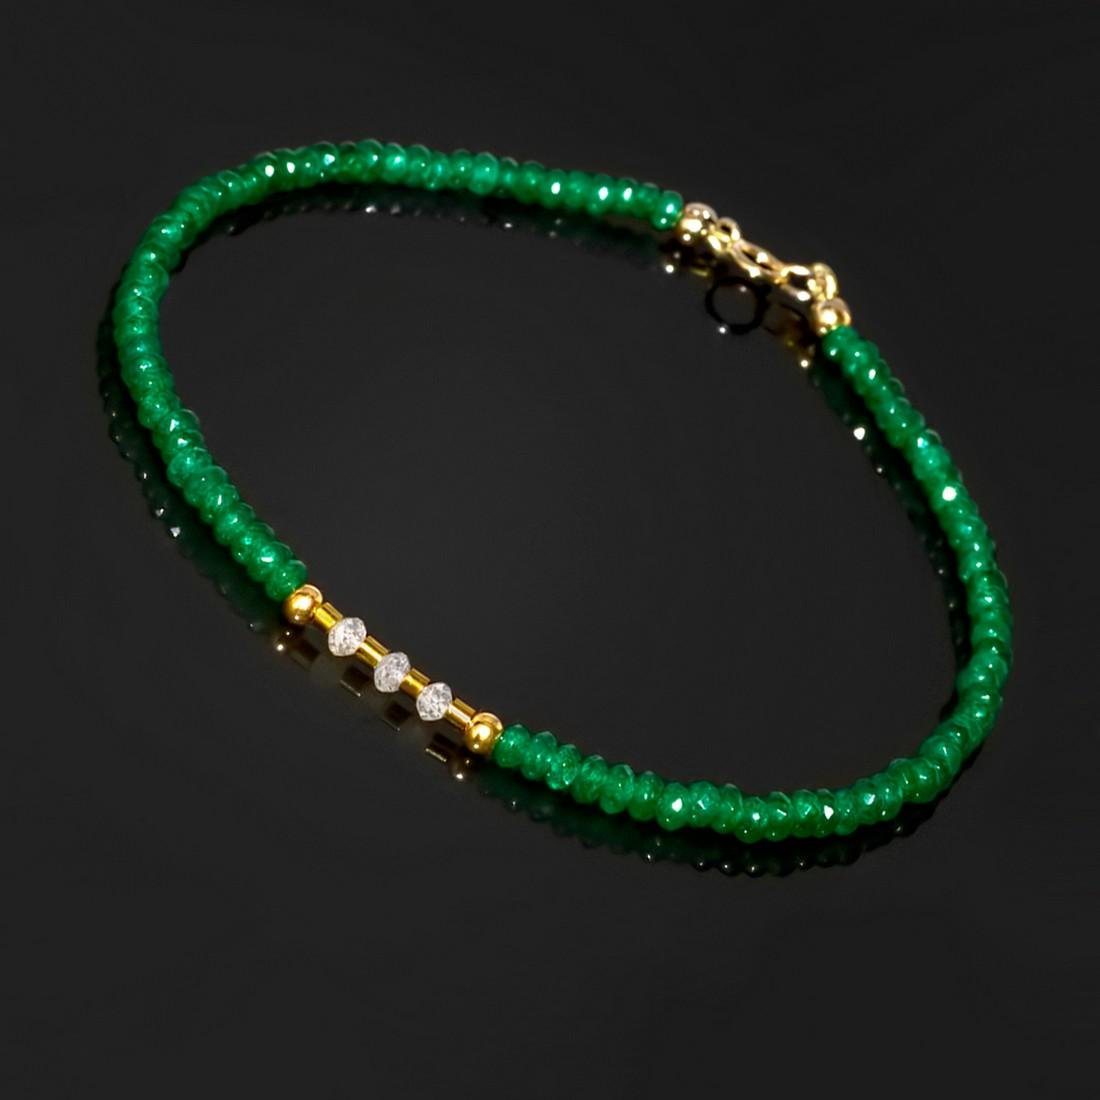 14K Precious Jadeite Jade bracelet with Diamonds 0.2 - 3